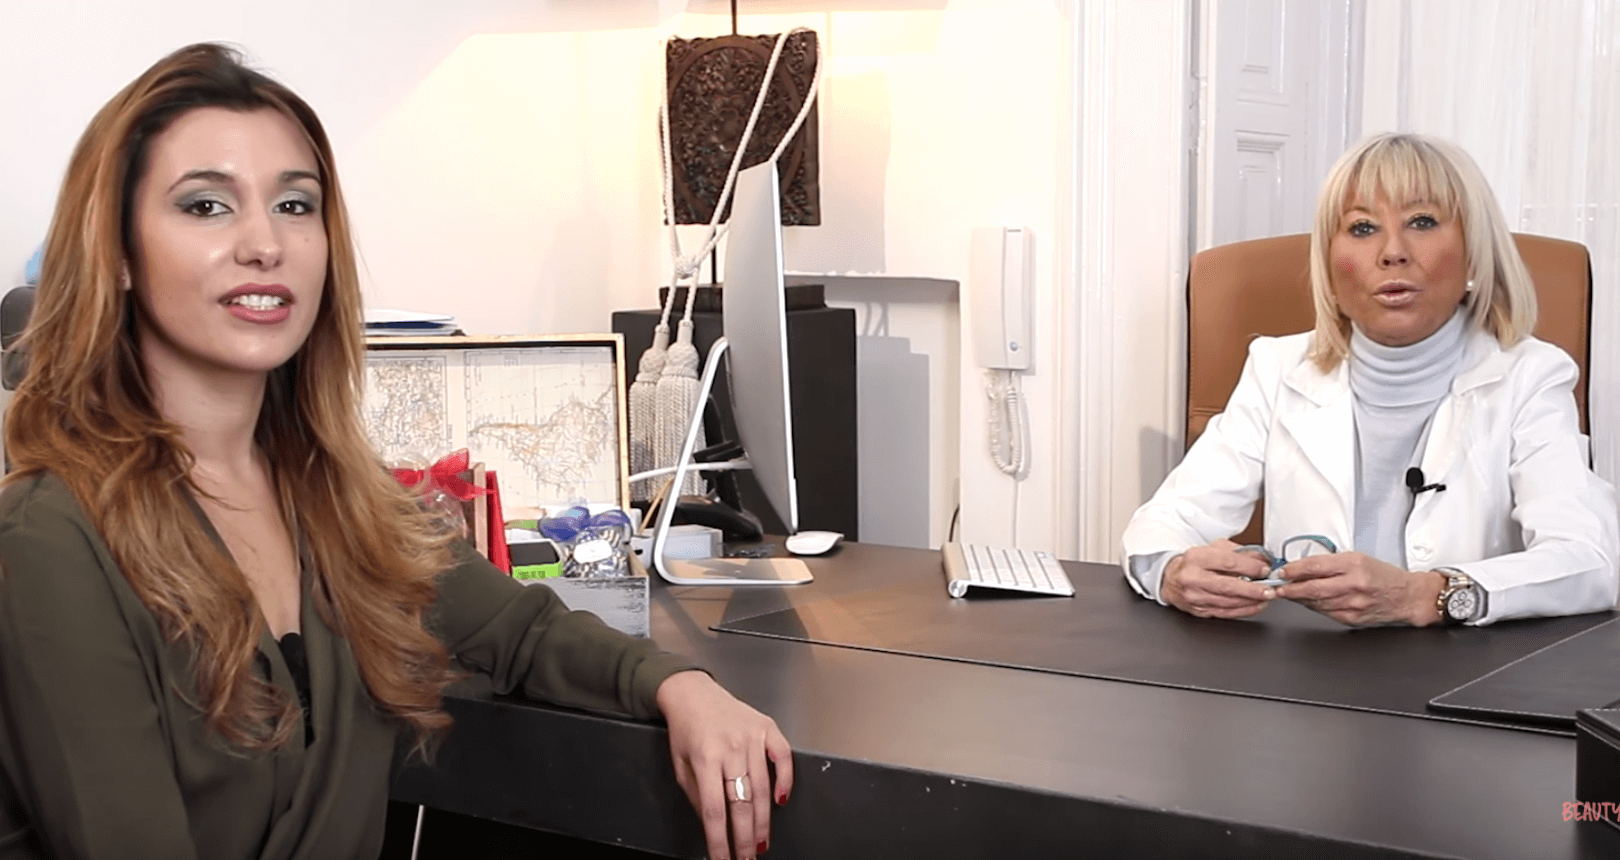 Entrevista doctora espallargas